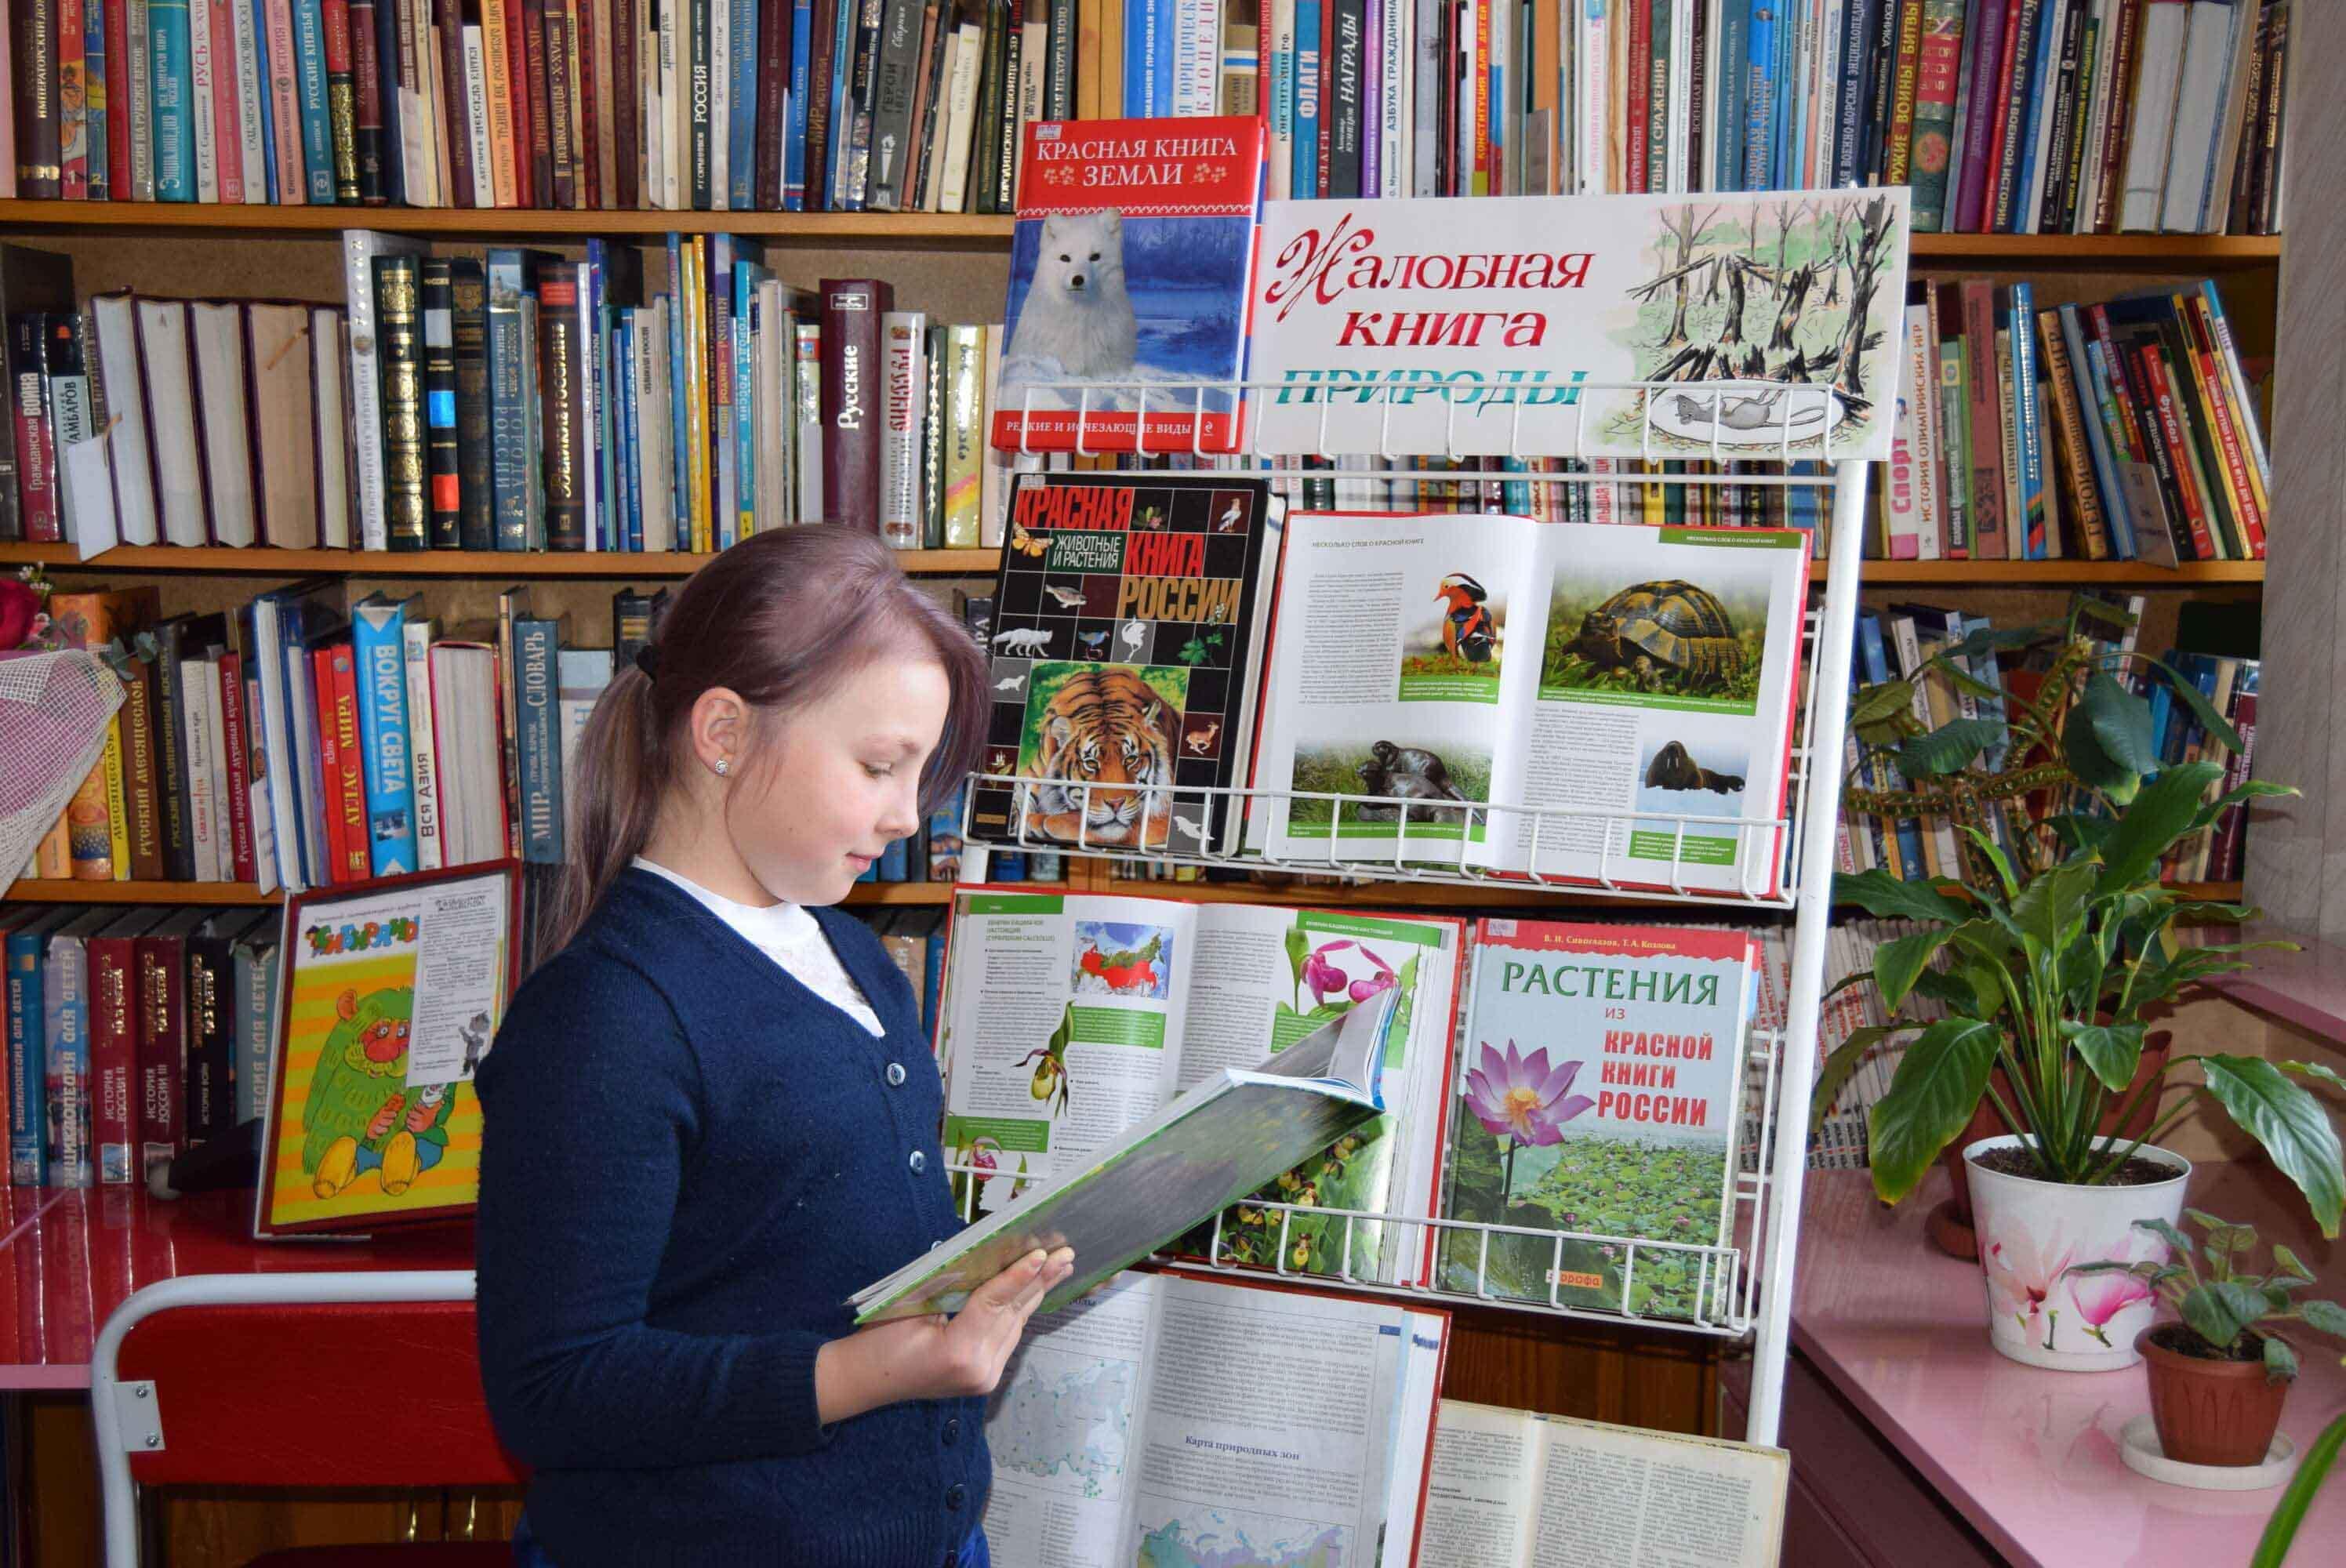 Конкурсы о природе в библиотеке